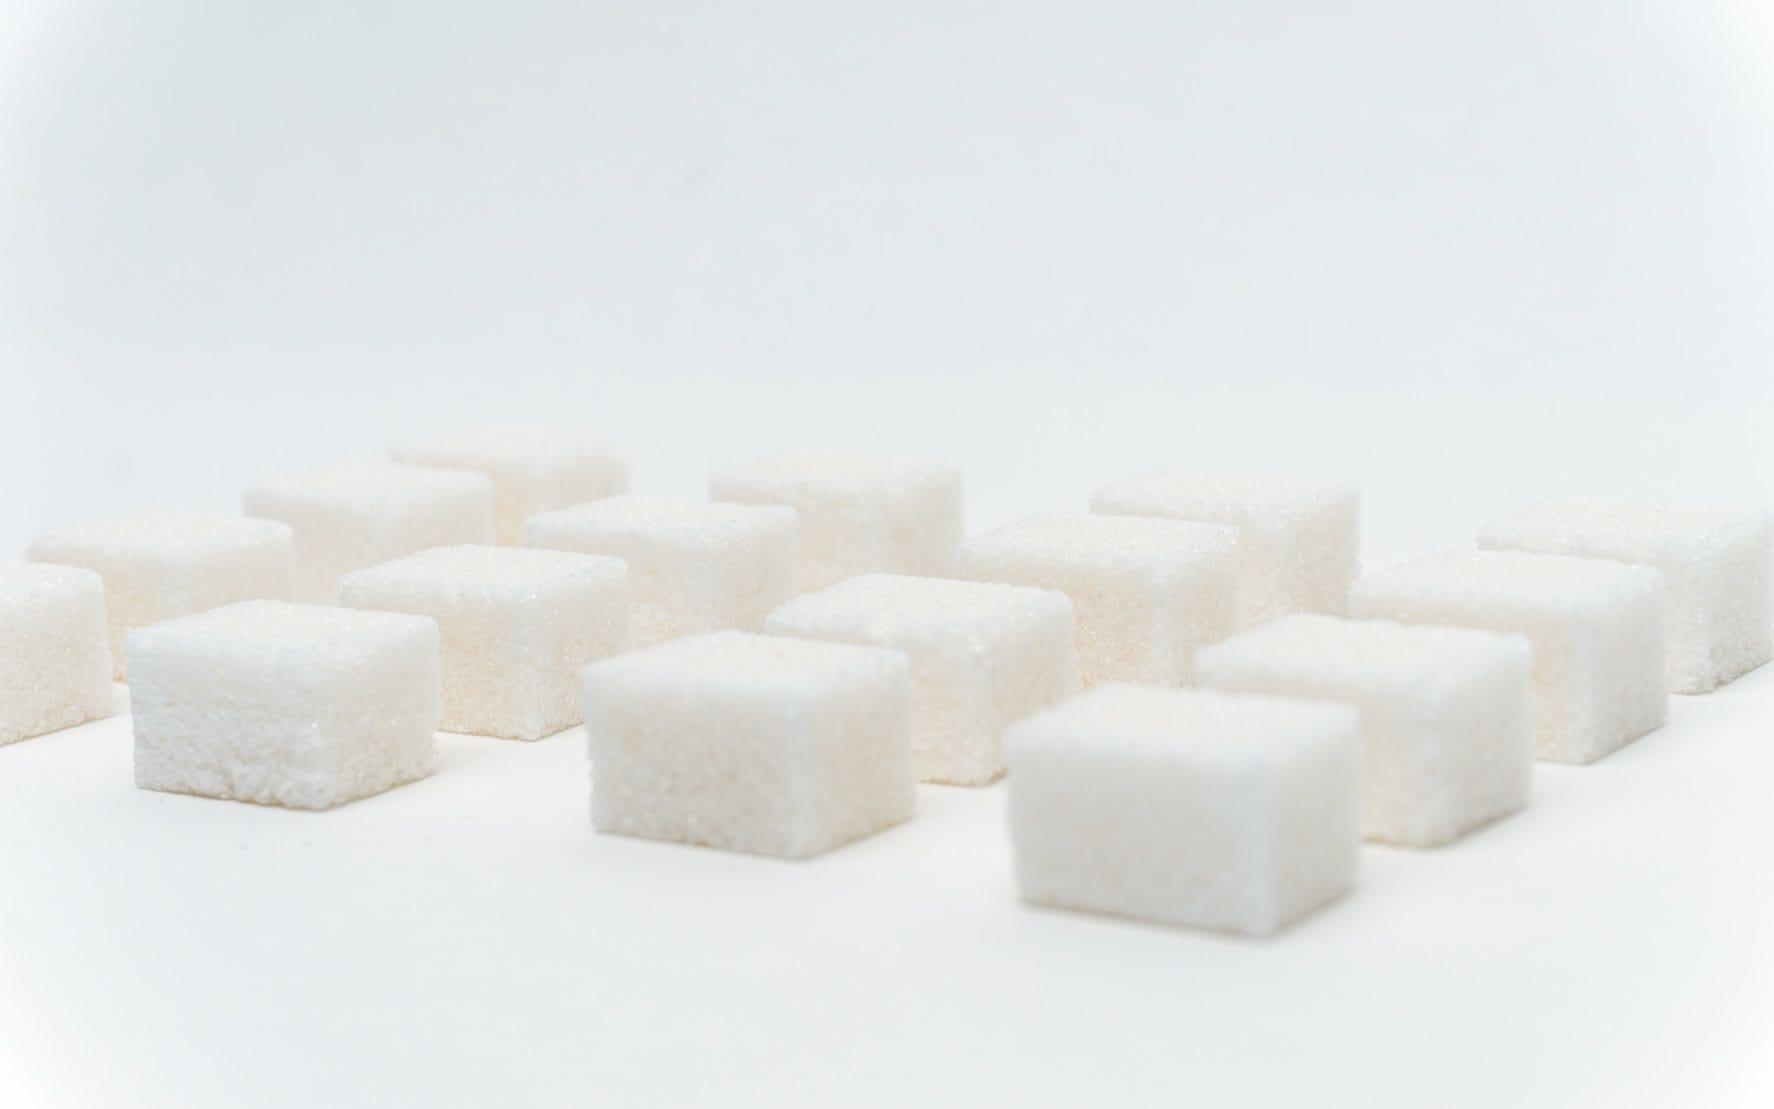 研究:人工甜味剂短短两周即可增加患糖尿病风险